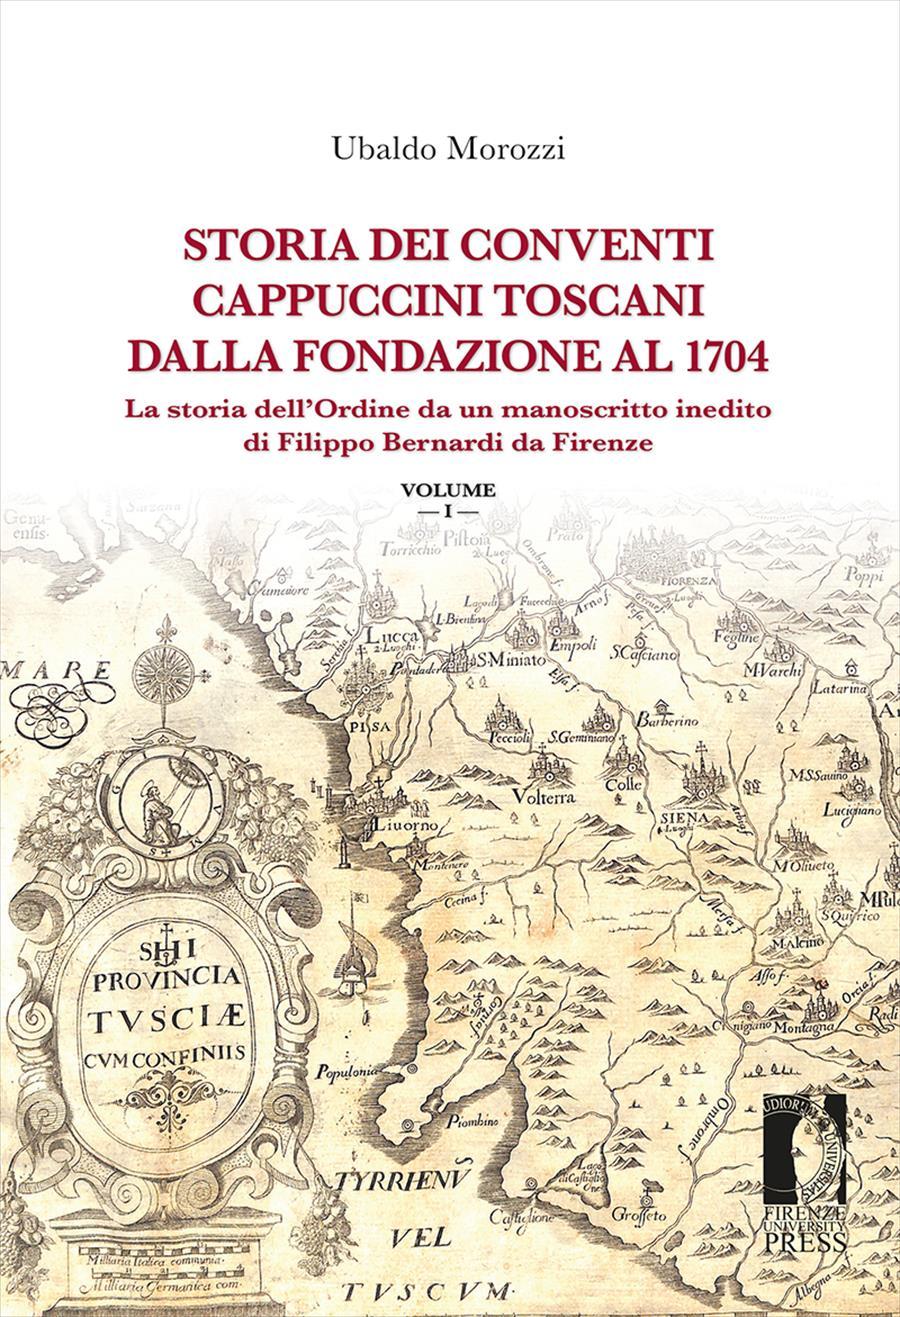 Storia dei conventi cappuccini toscani dalla fondazione al 1704